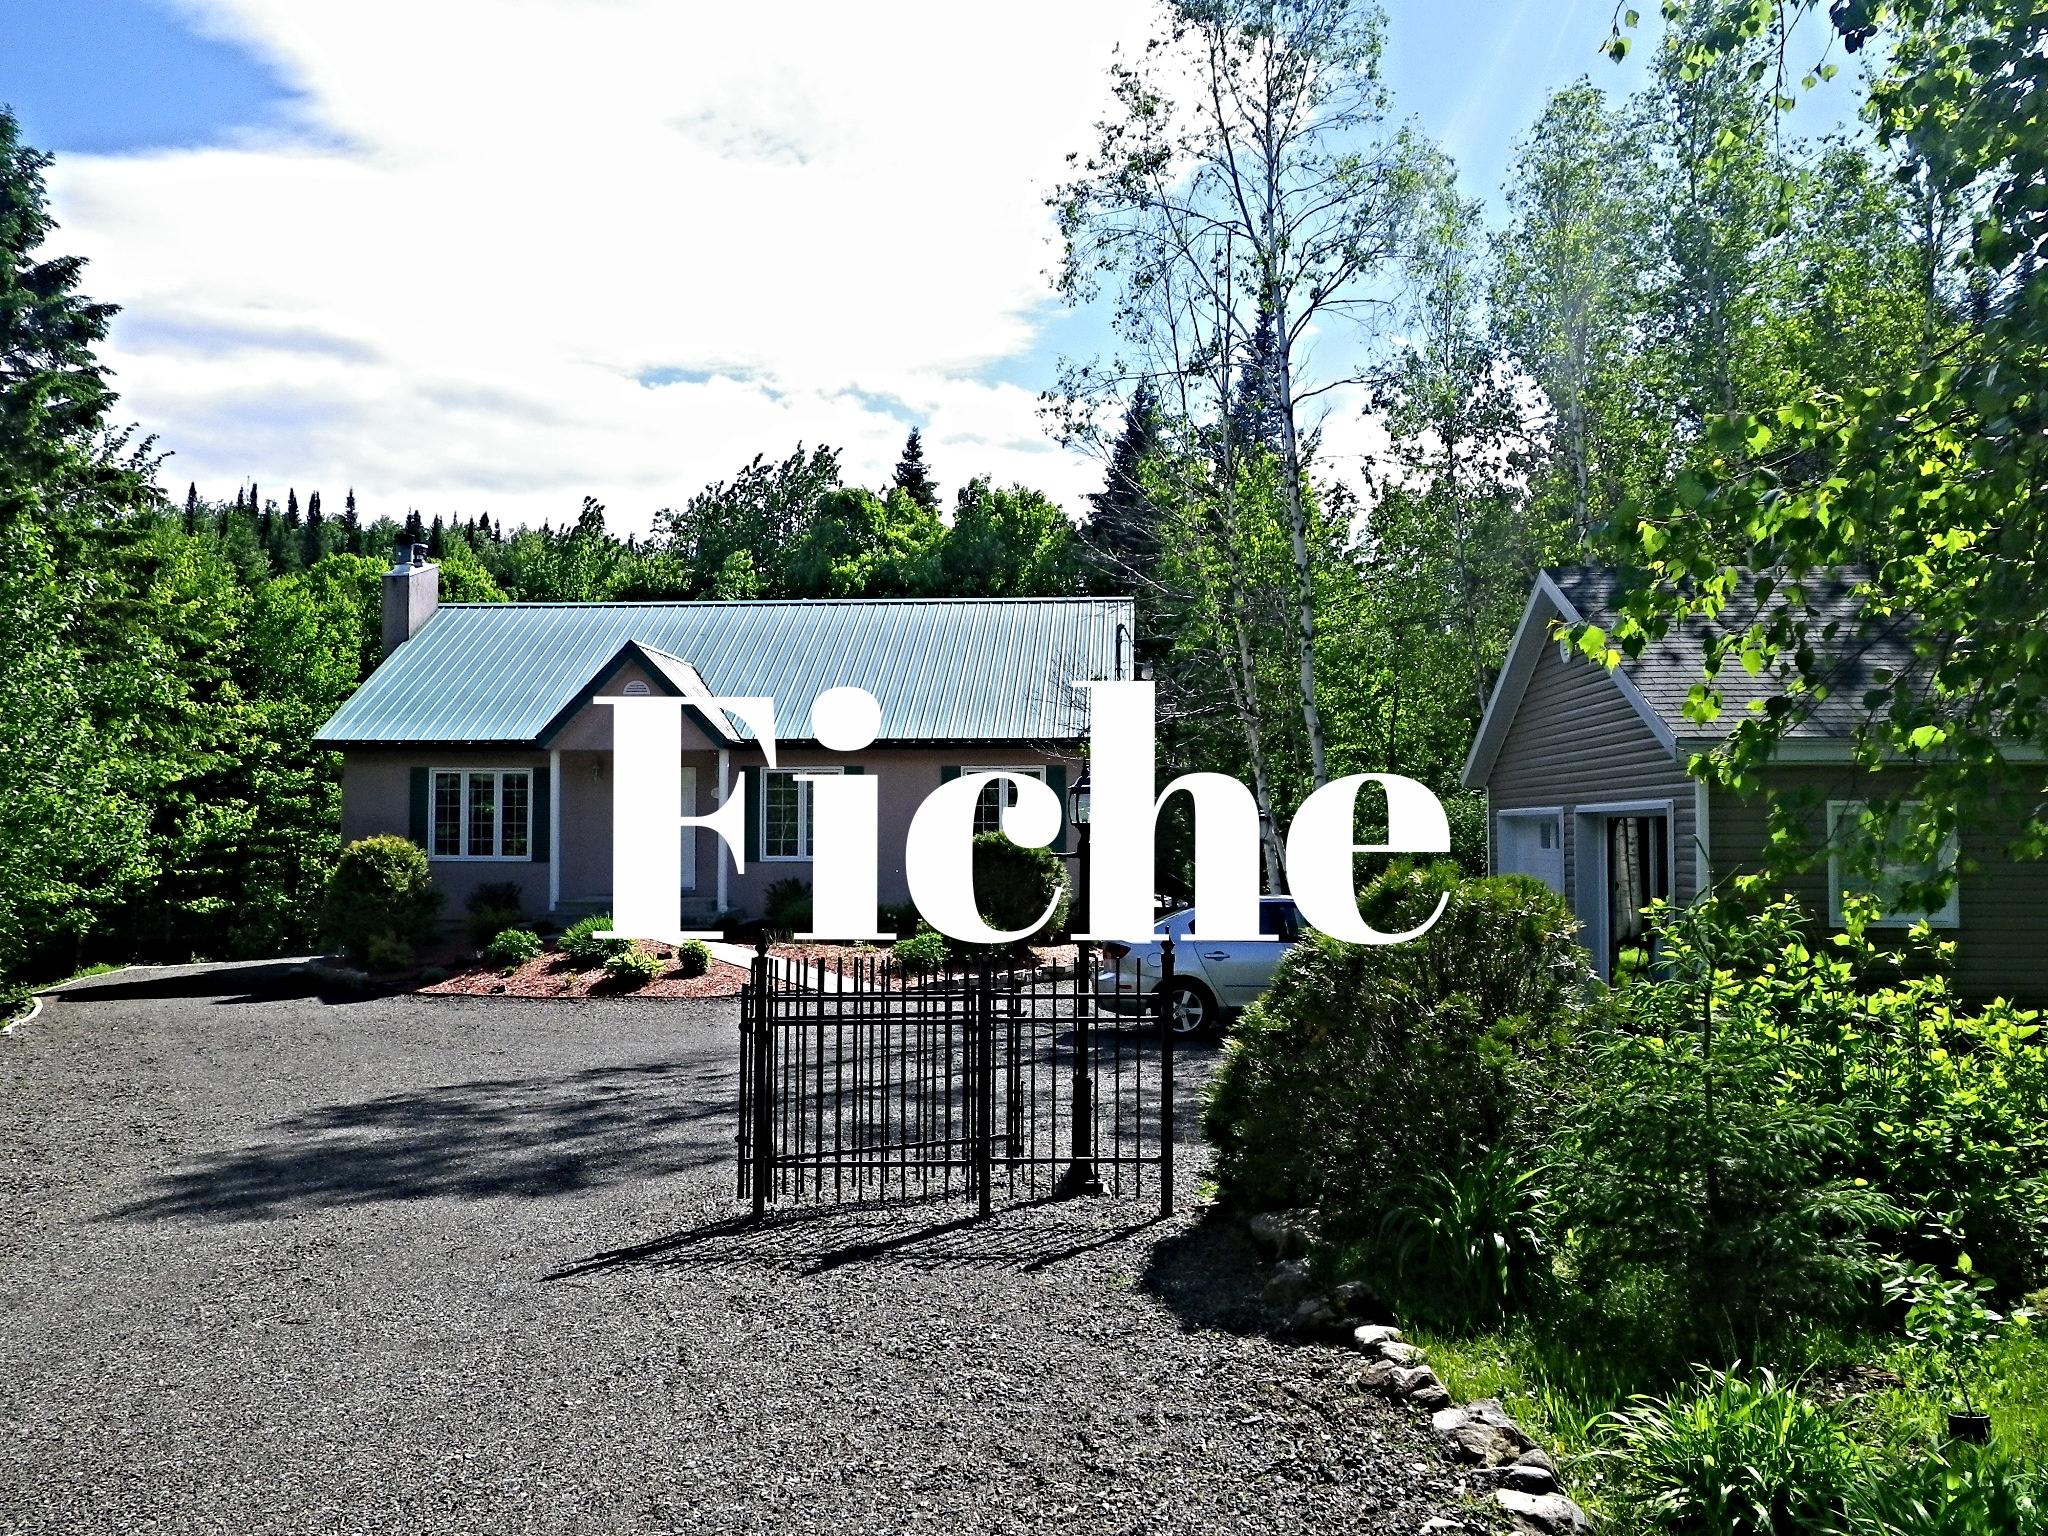 maison-à-vendre-293-chemin-des-lacs-lac-beauport-david-fafard-courtier-immobilier (3).JPG